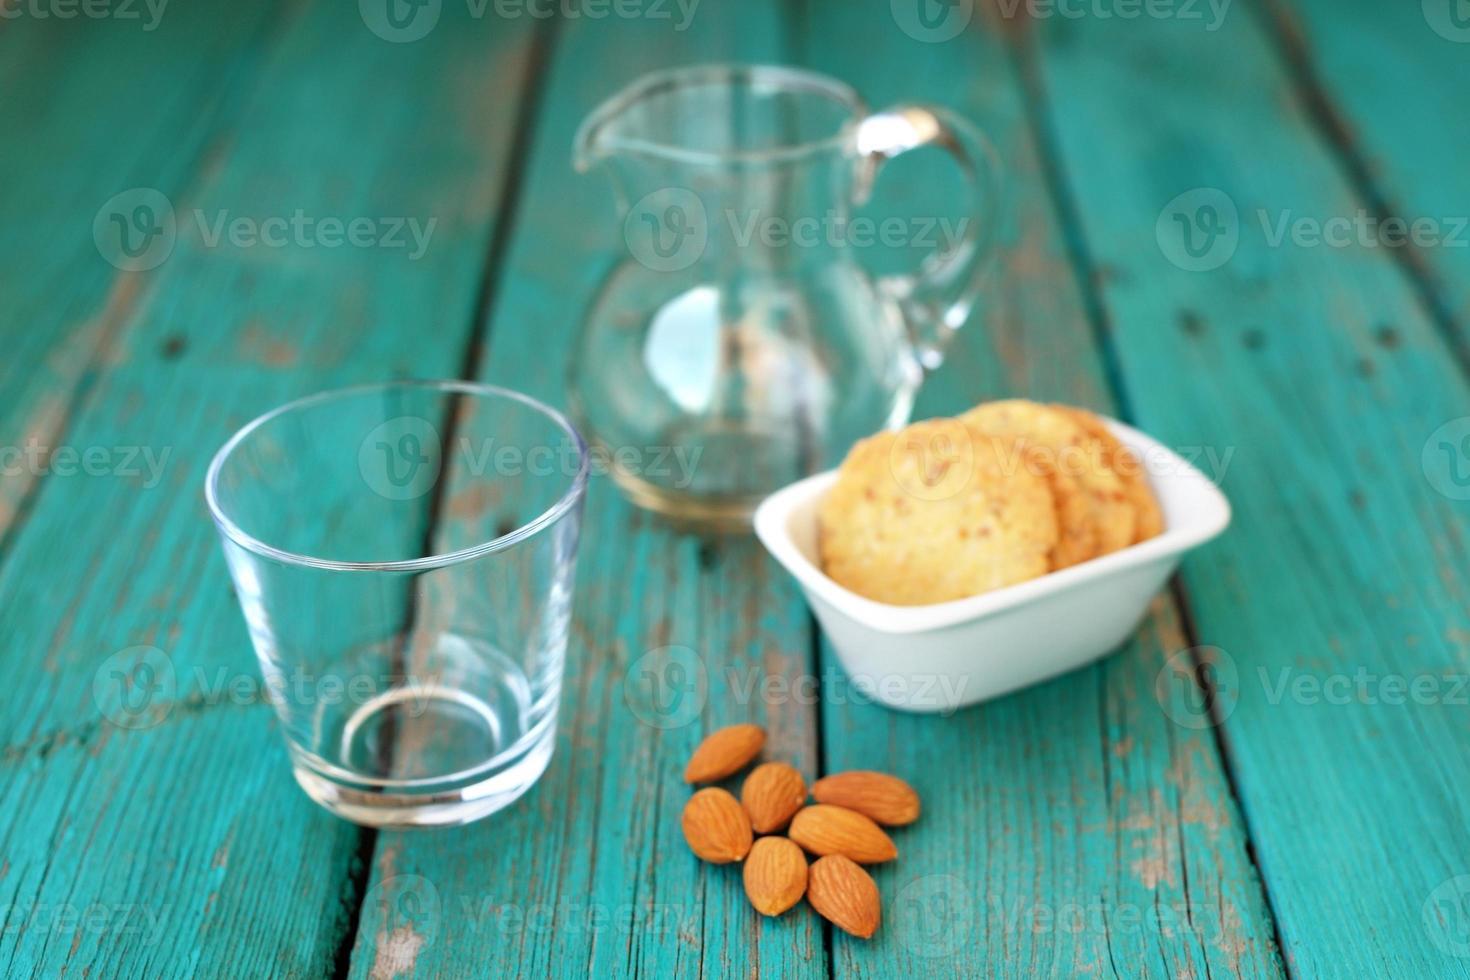 bicchiere vuoto con biscotti alle mandorle fatti in casa e mandorle intere foto